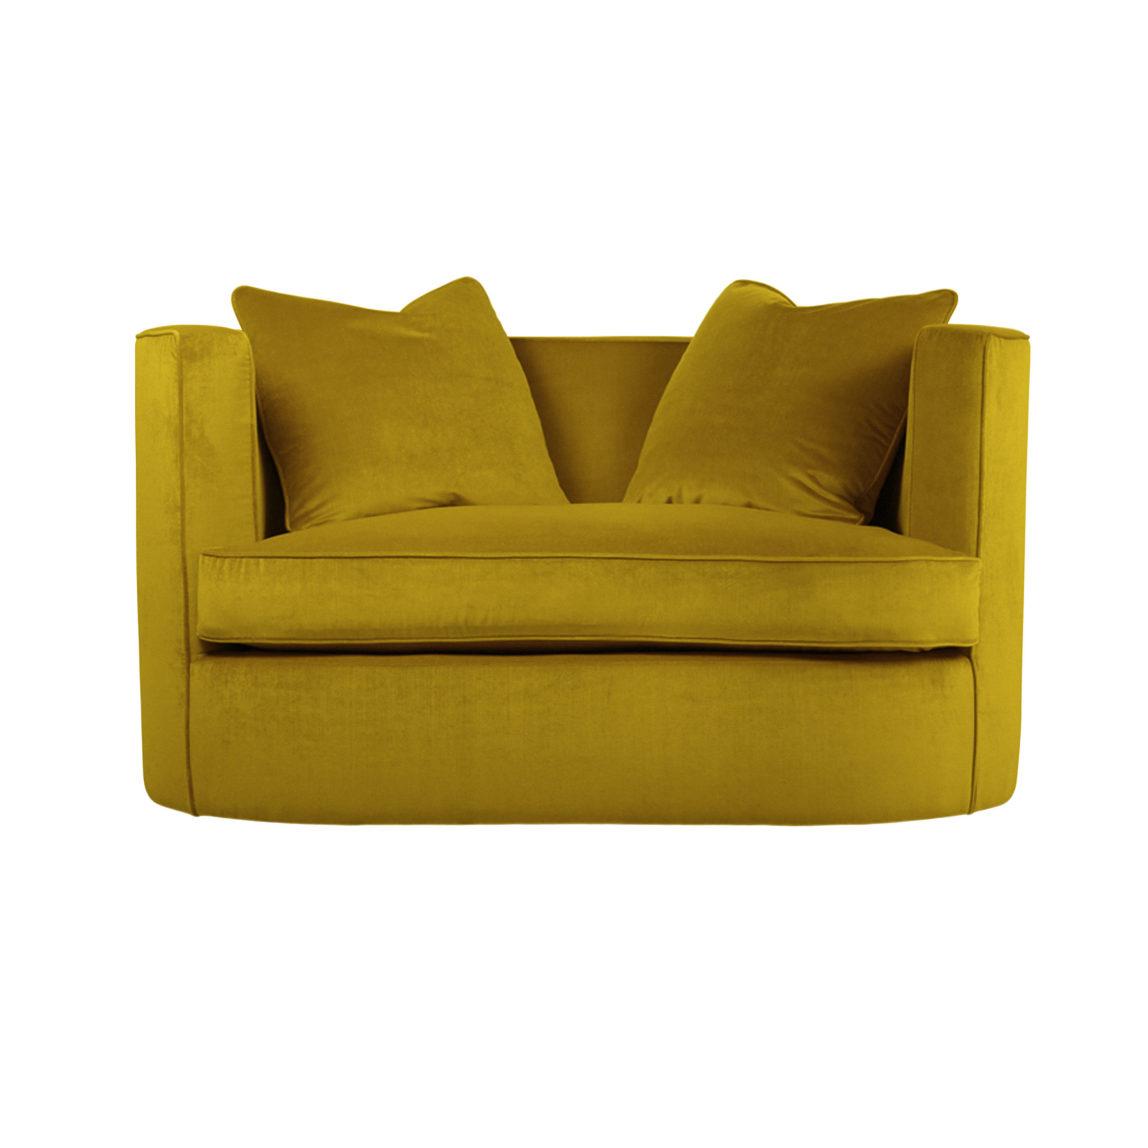 Полукруглый диван для двоих